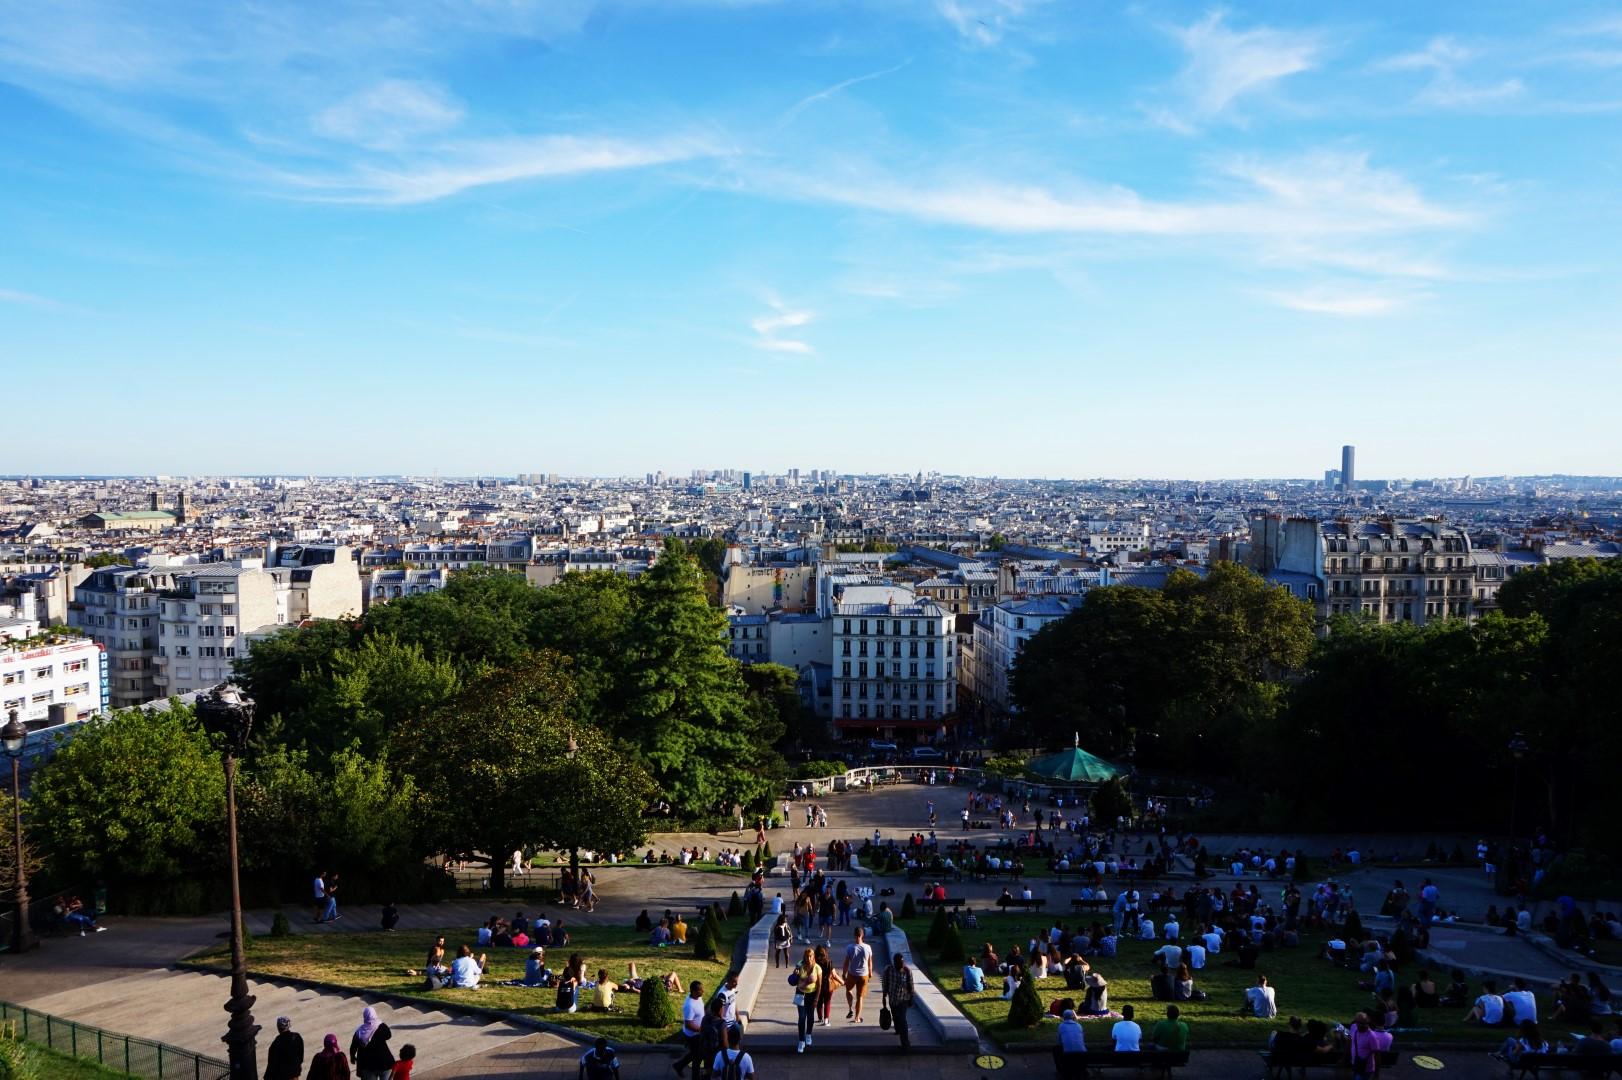 Balade dans le 18e - En bas de la butte Montmartre - Vue depuis le Sacré Coeur